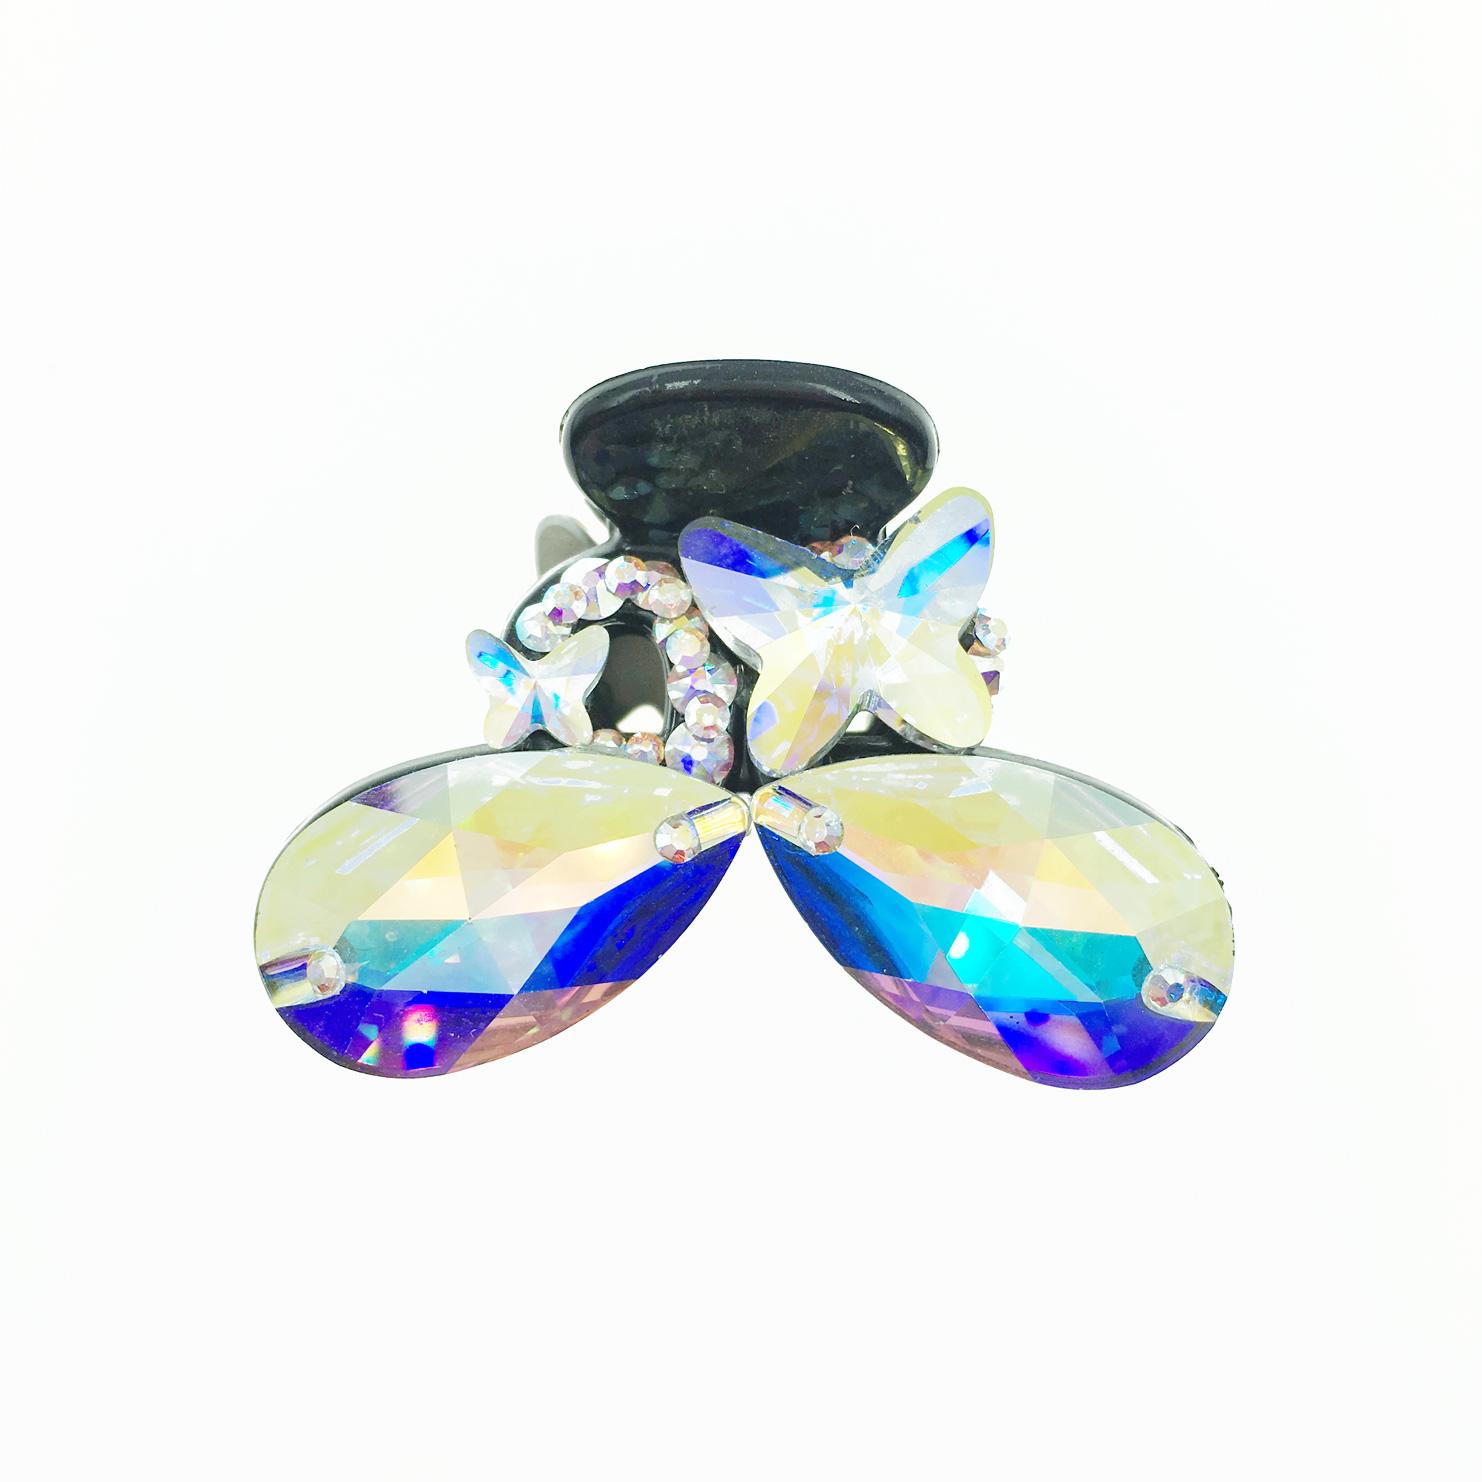 蝴蝶造型 水鑽 水晶 髮飾 髮夾 小鯊魚夾 法國夾 採用施華洛世奇水晶元素 Crystals from Swarovski